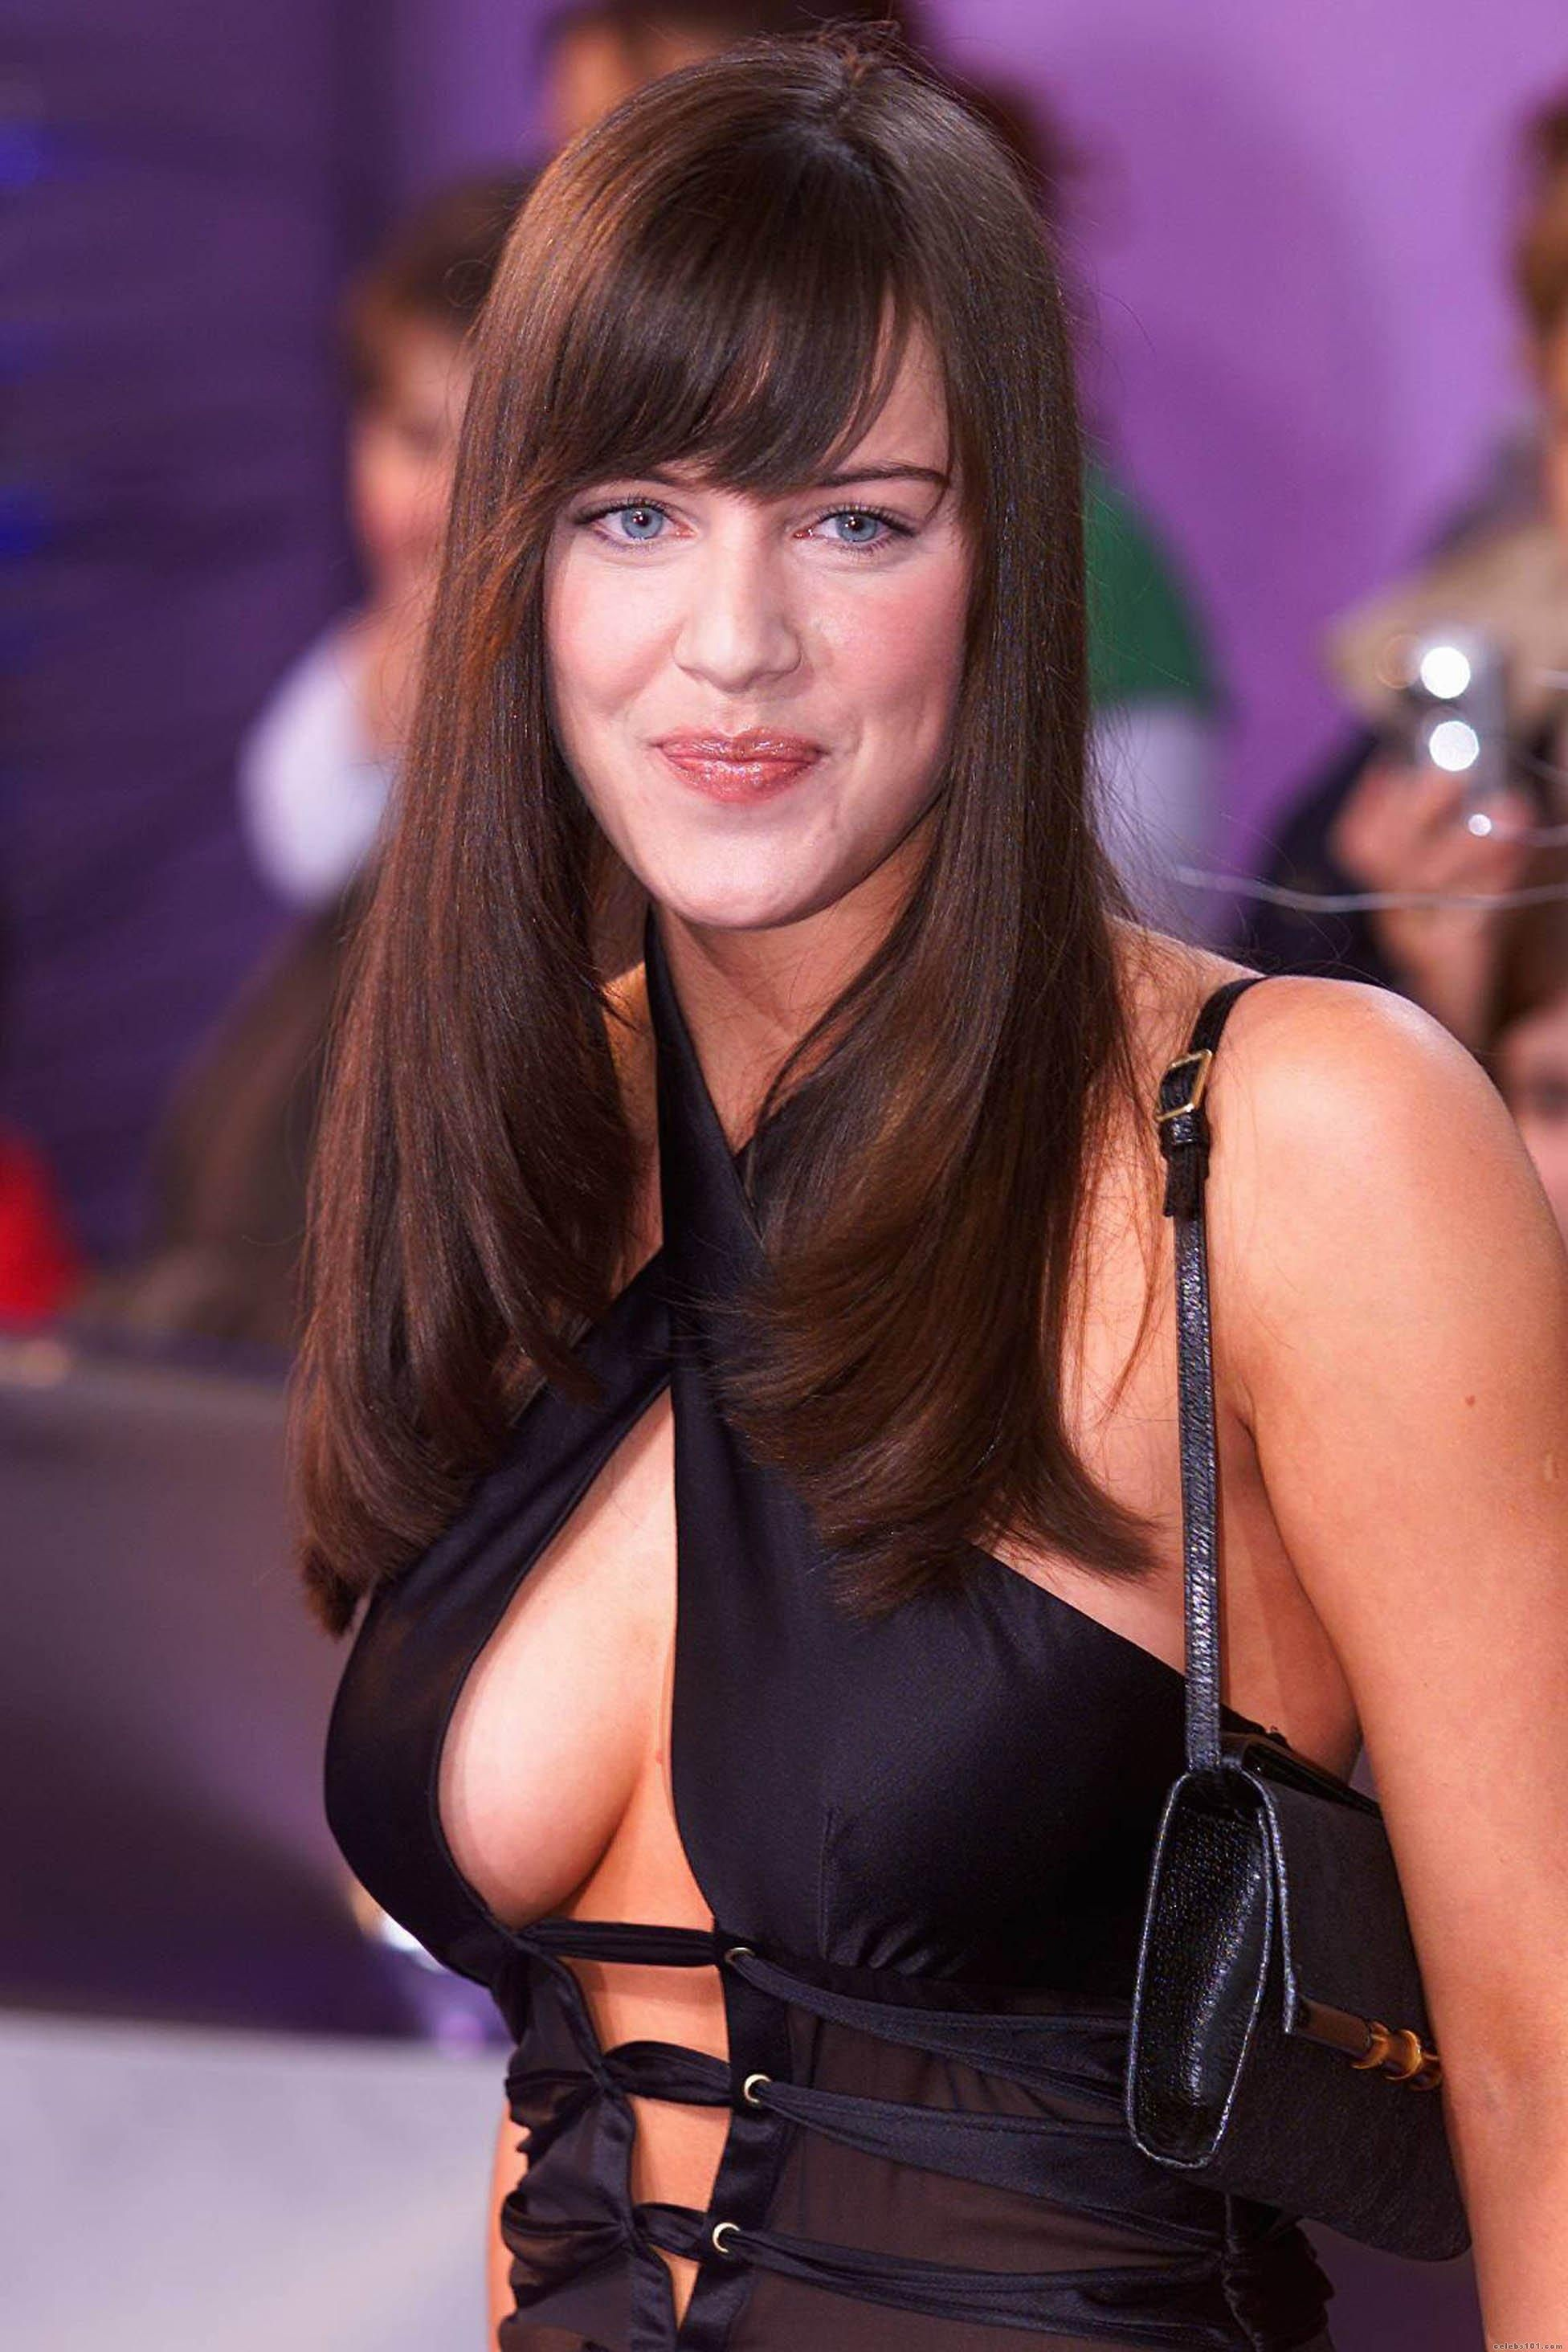 Isabel Withers,Diah Permatasari (actress) Sex image Eva Novak,Malese Jow